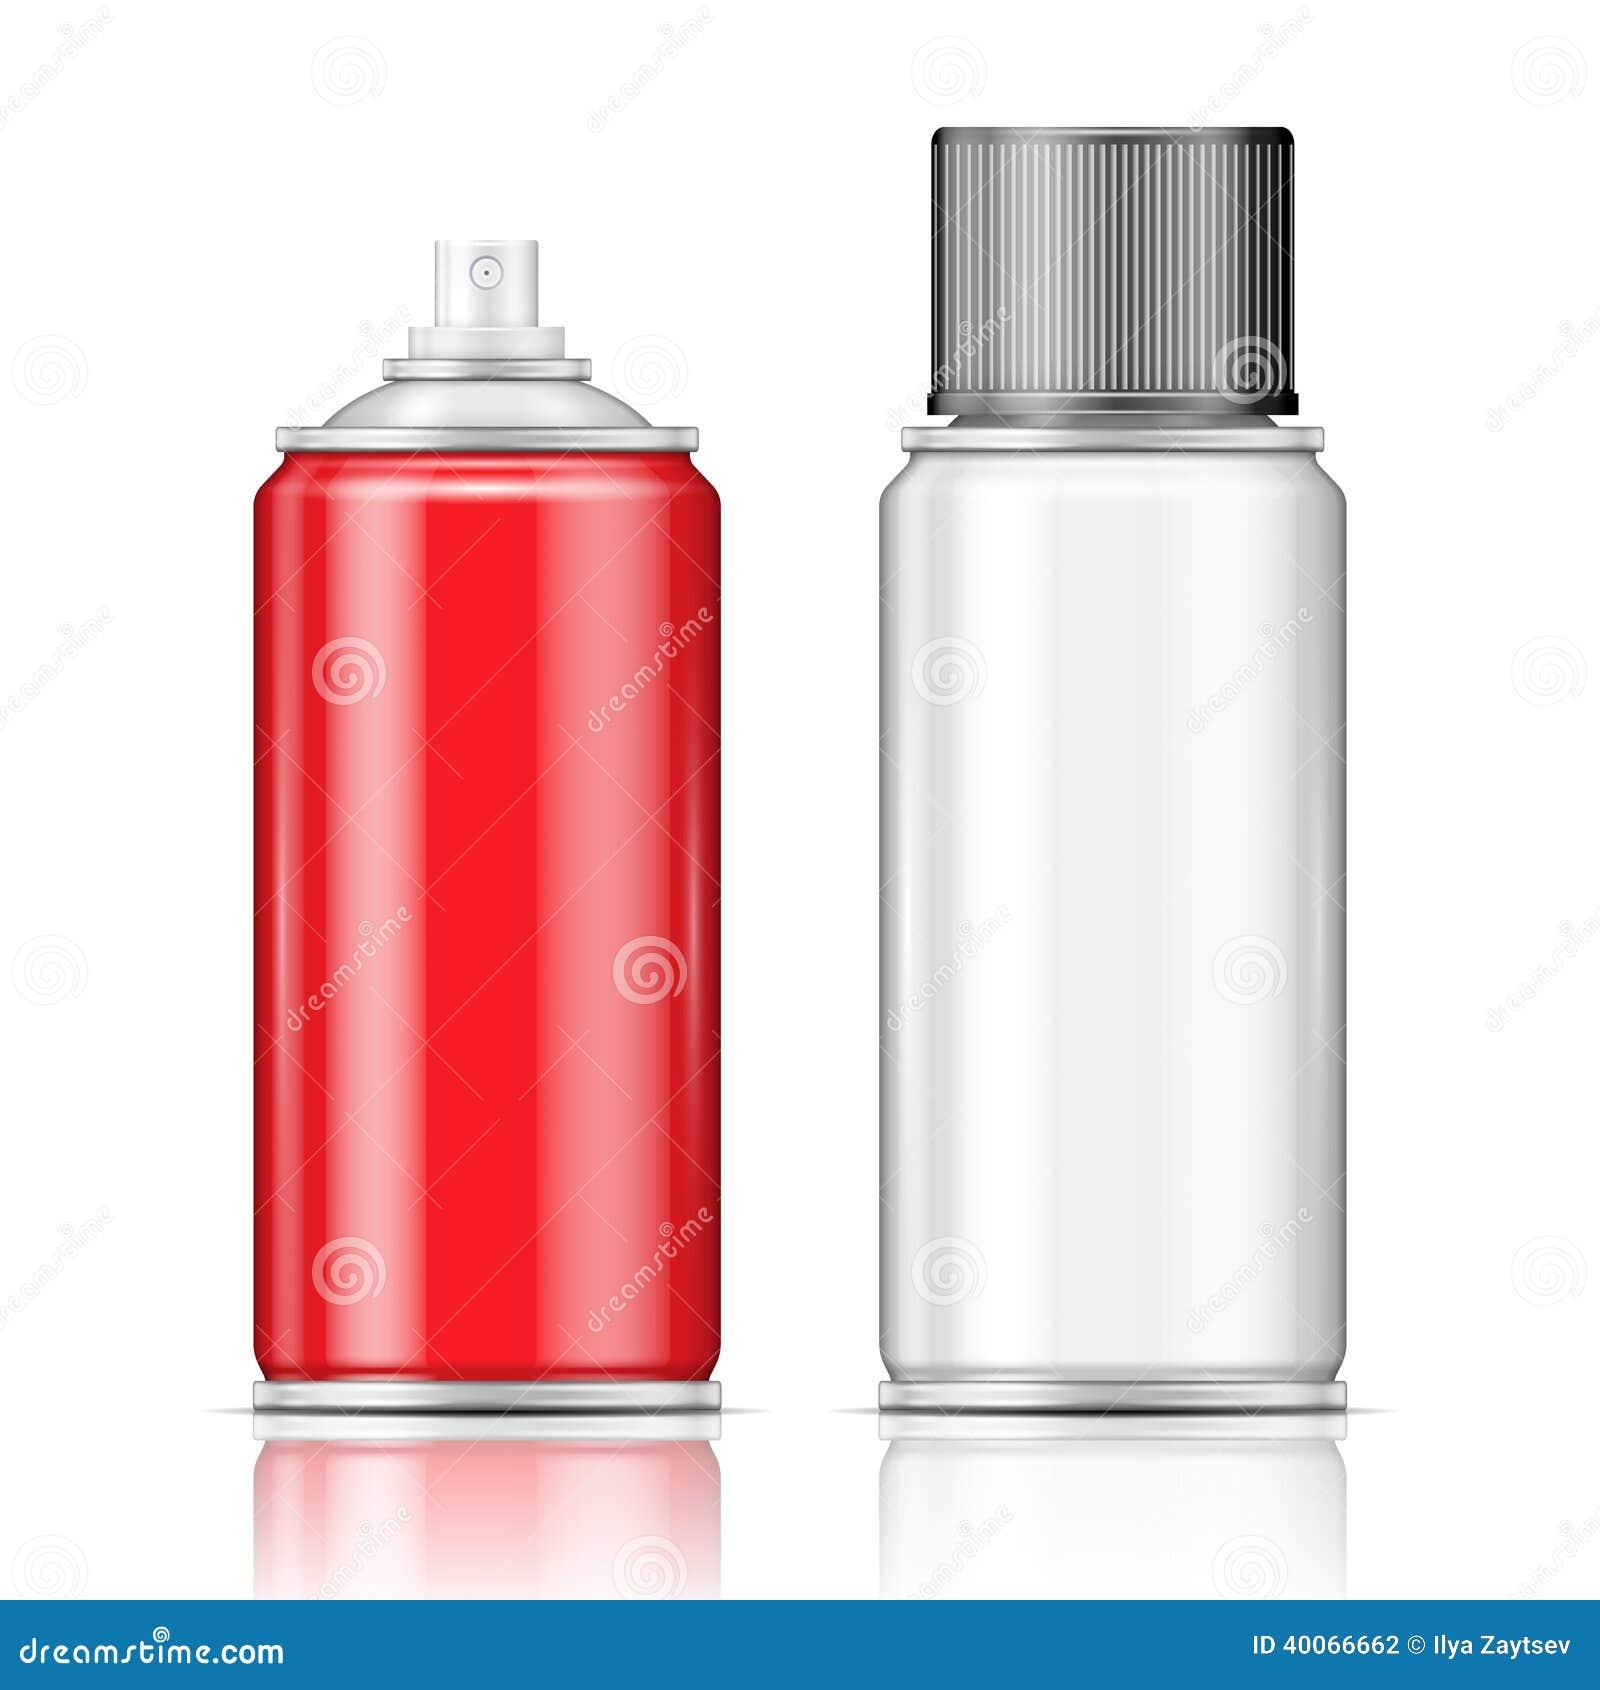 Spray Paint For Raw Aluminium